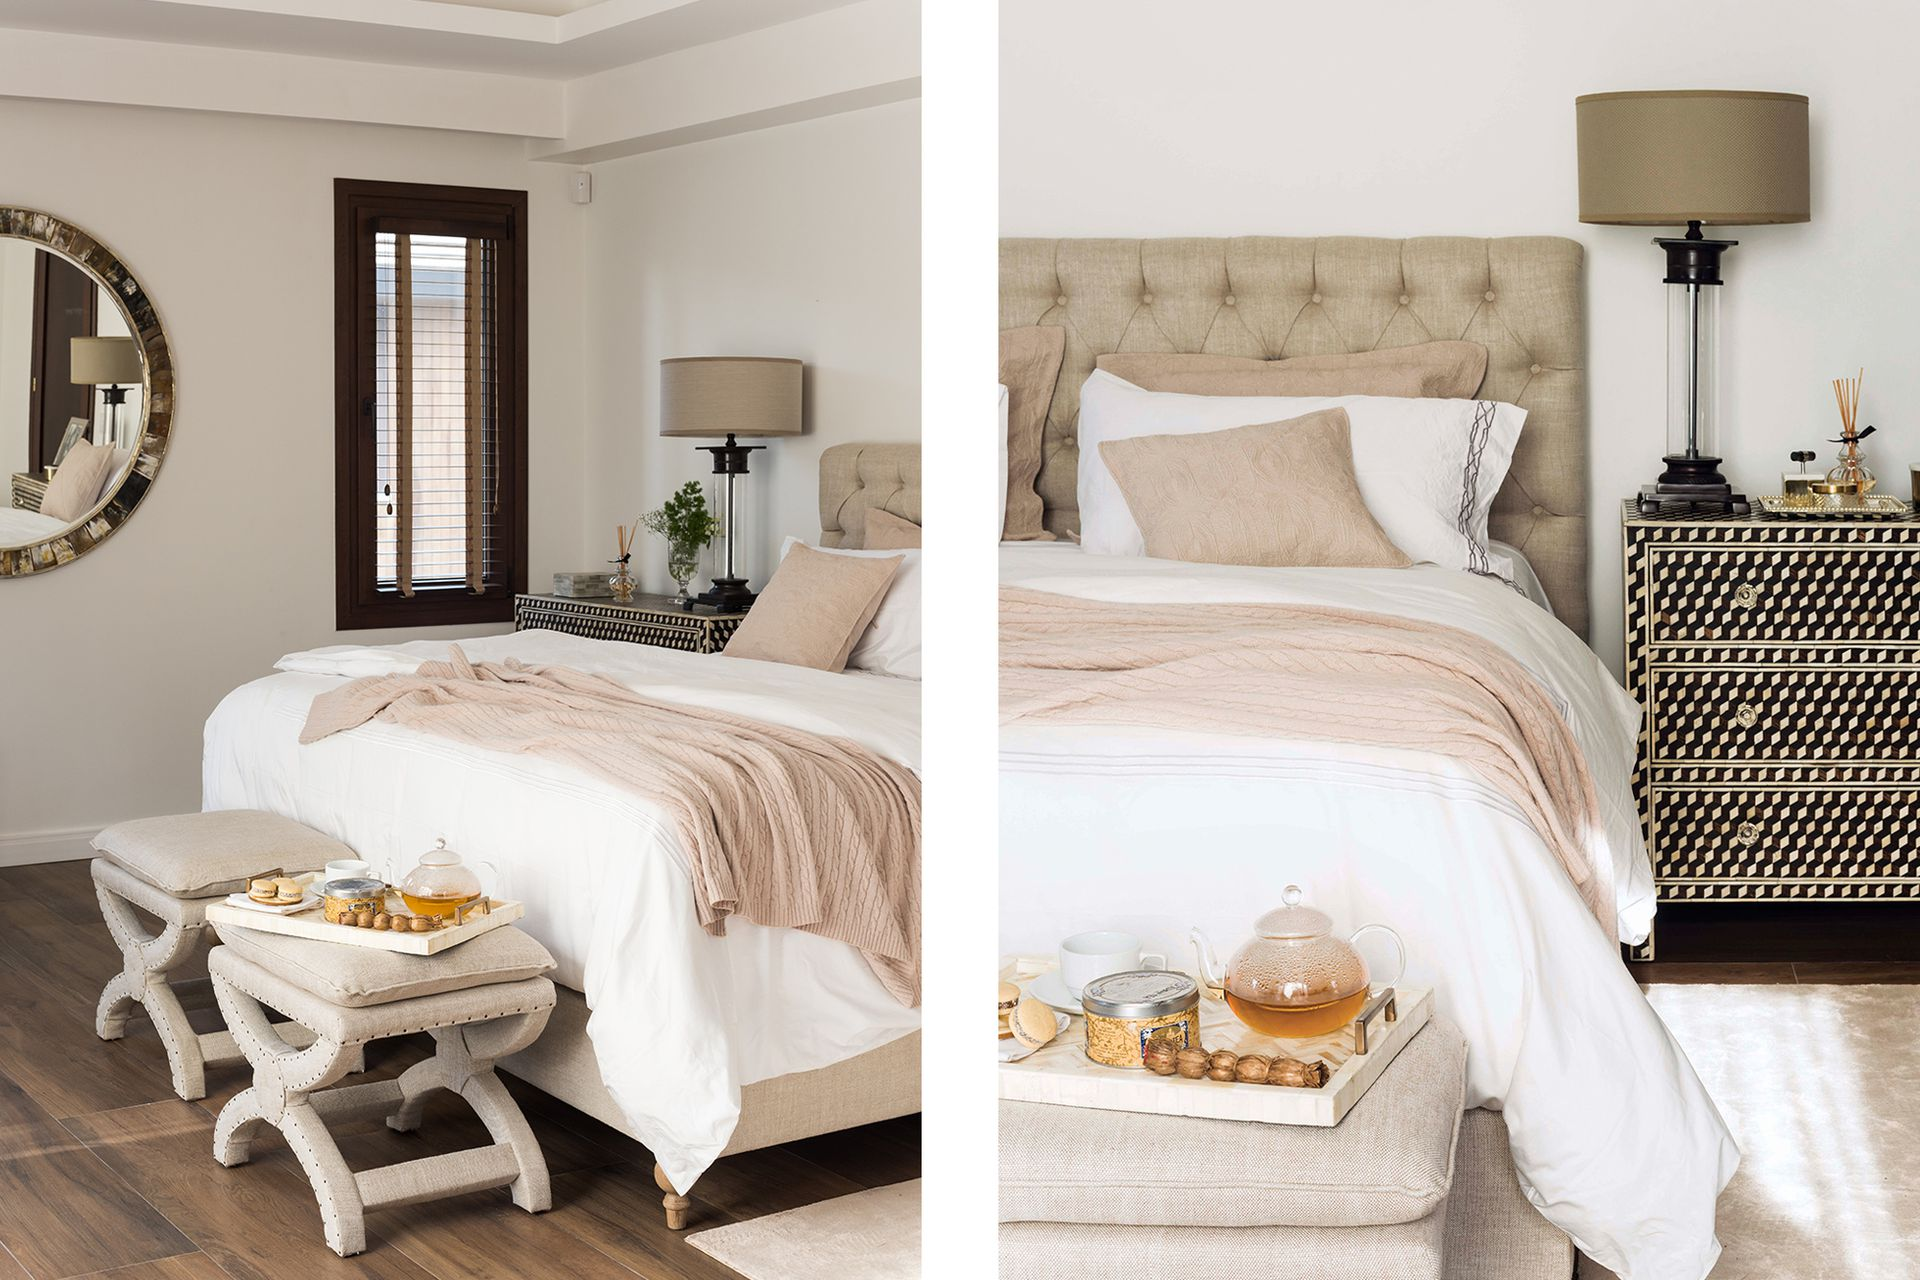 Respaldo de cama 'Adler' en lino beige y las poltronas al pie de cama (todo de Landmark).